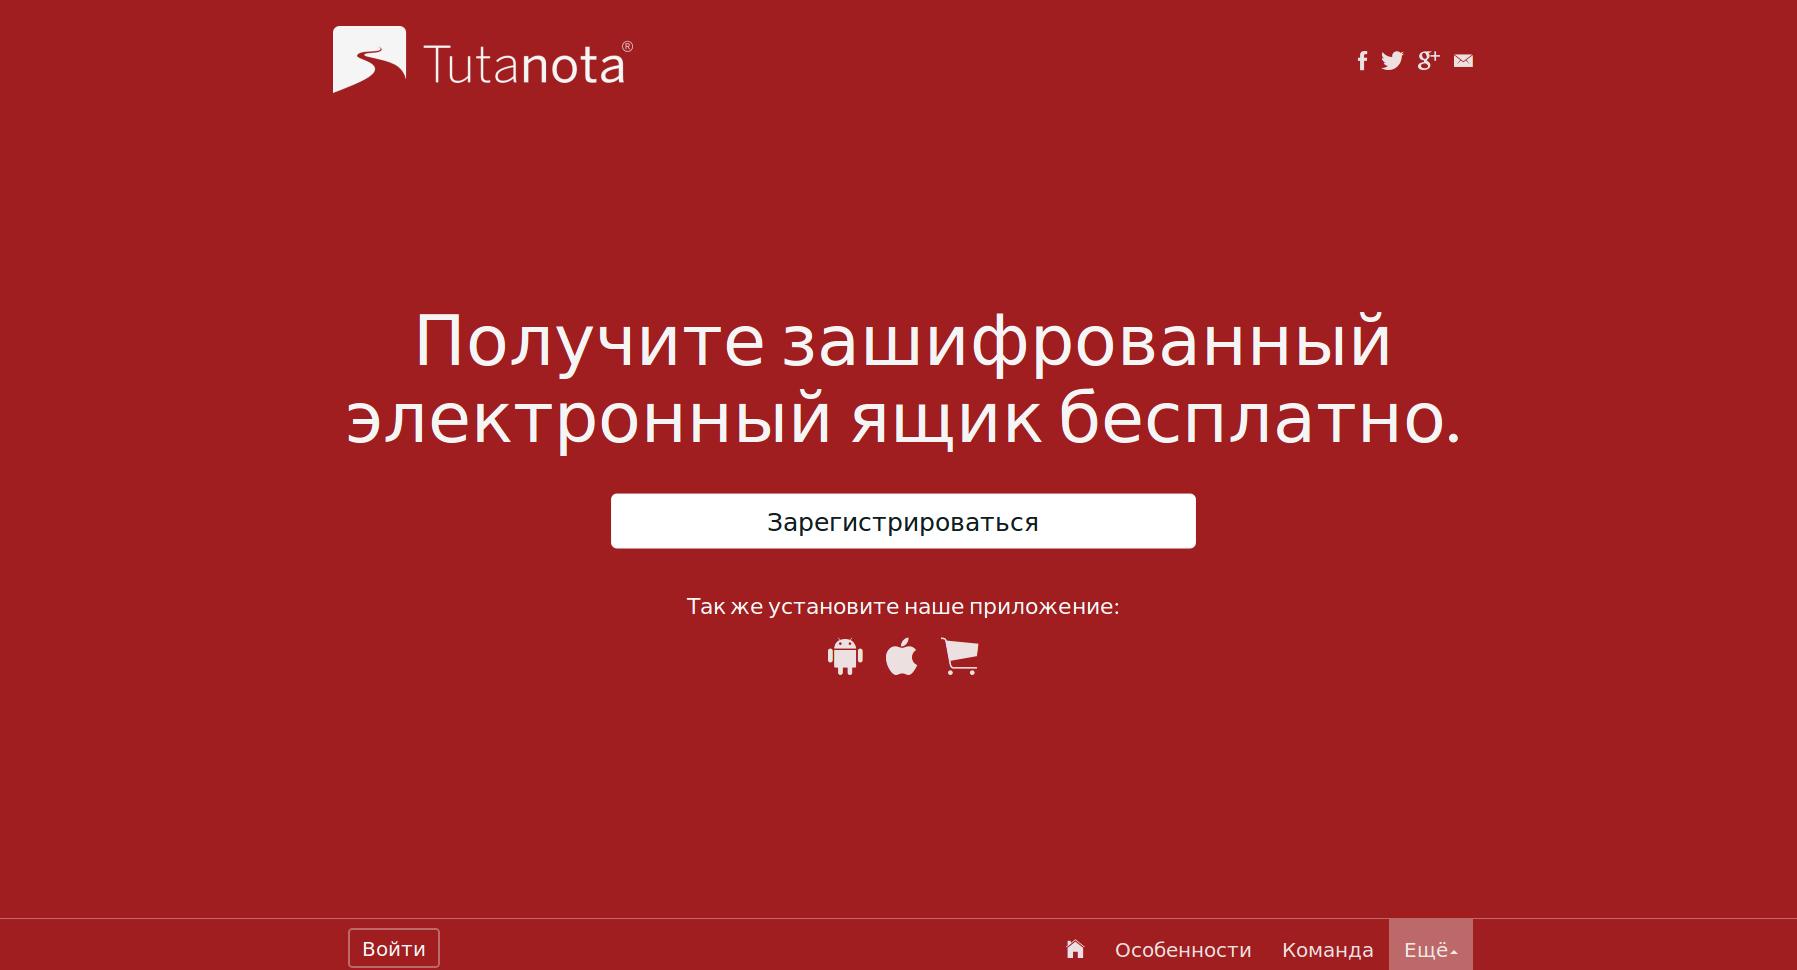 Роскомнадзор заблокировал сервис tutanota.com